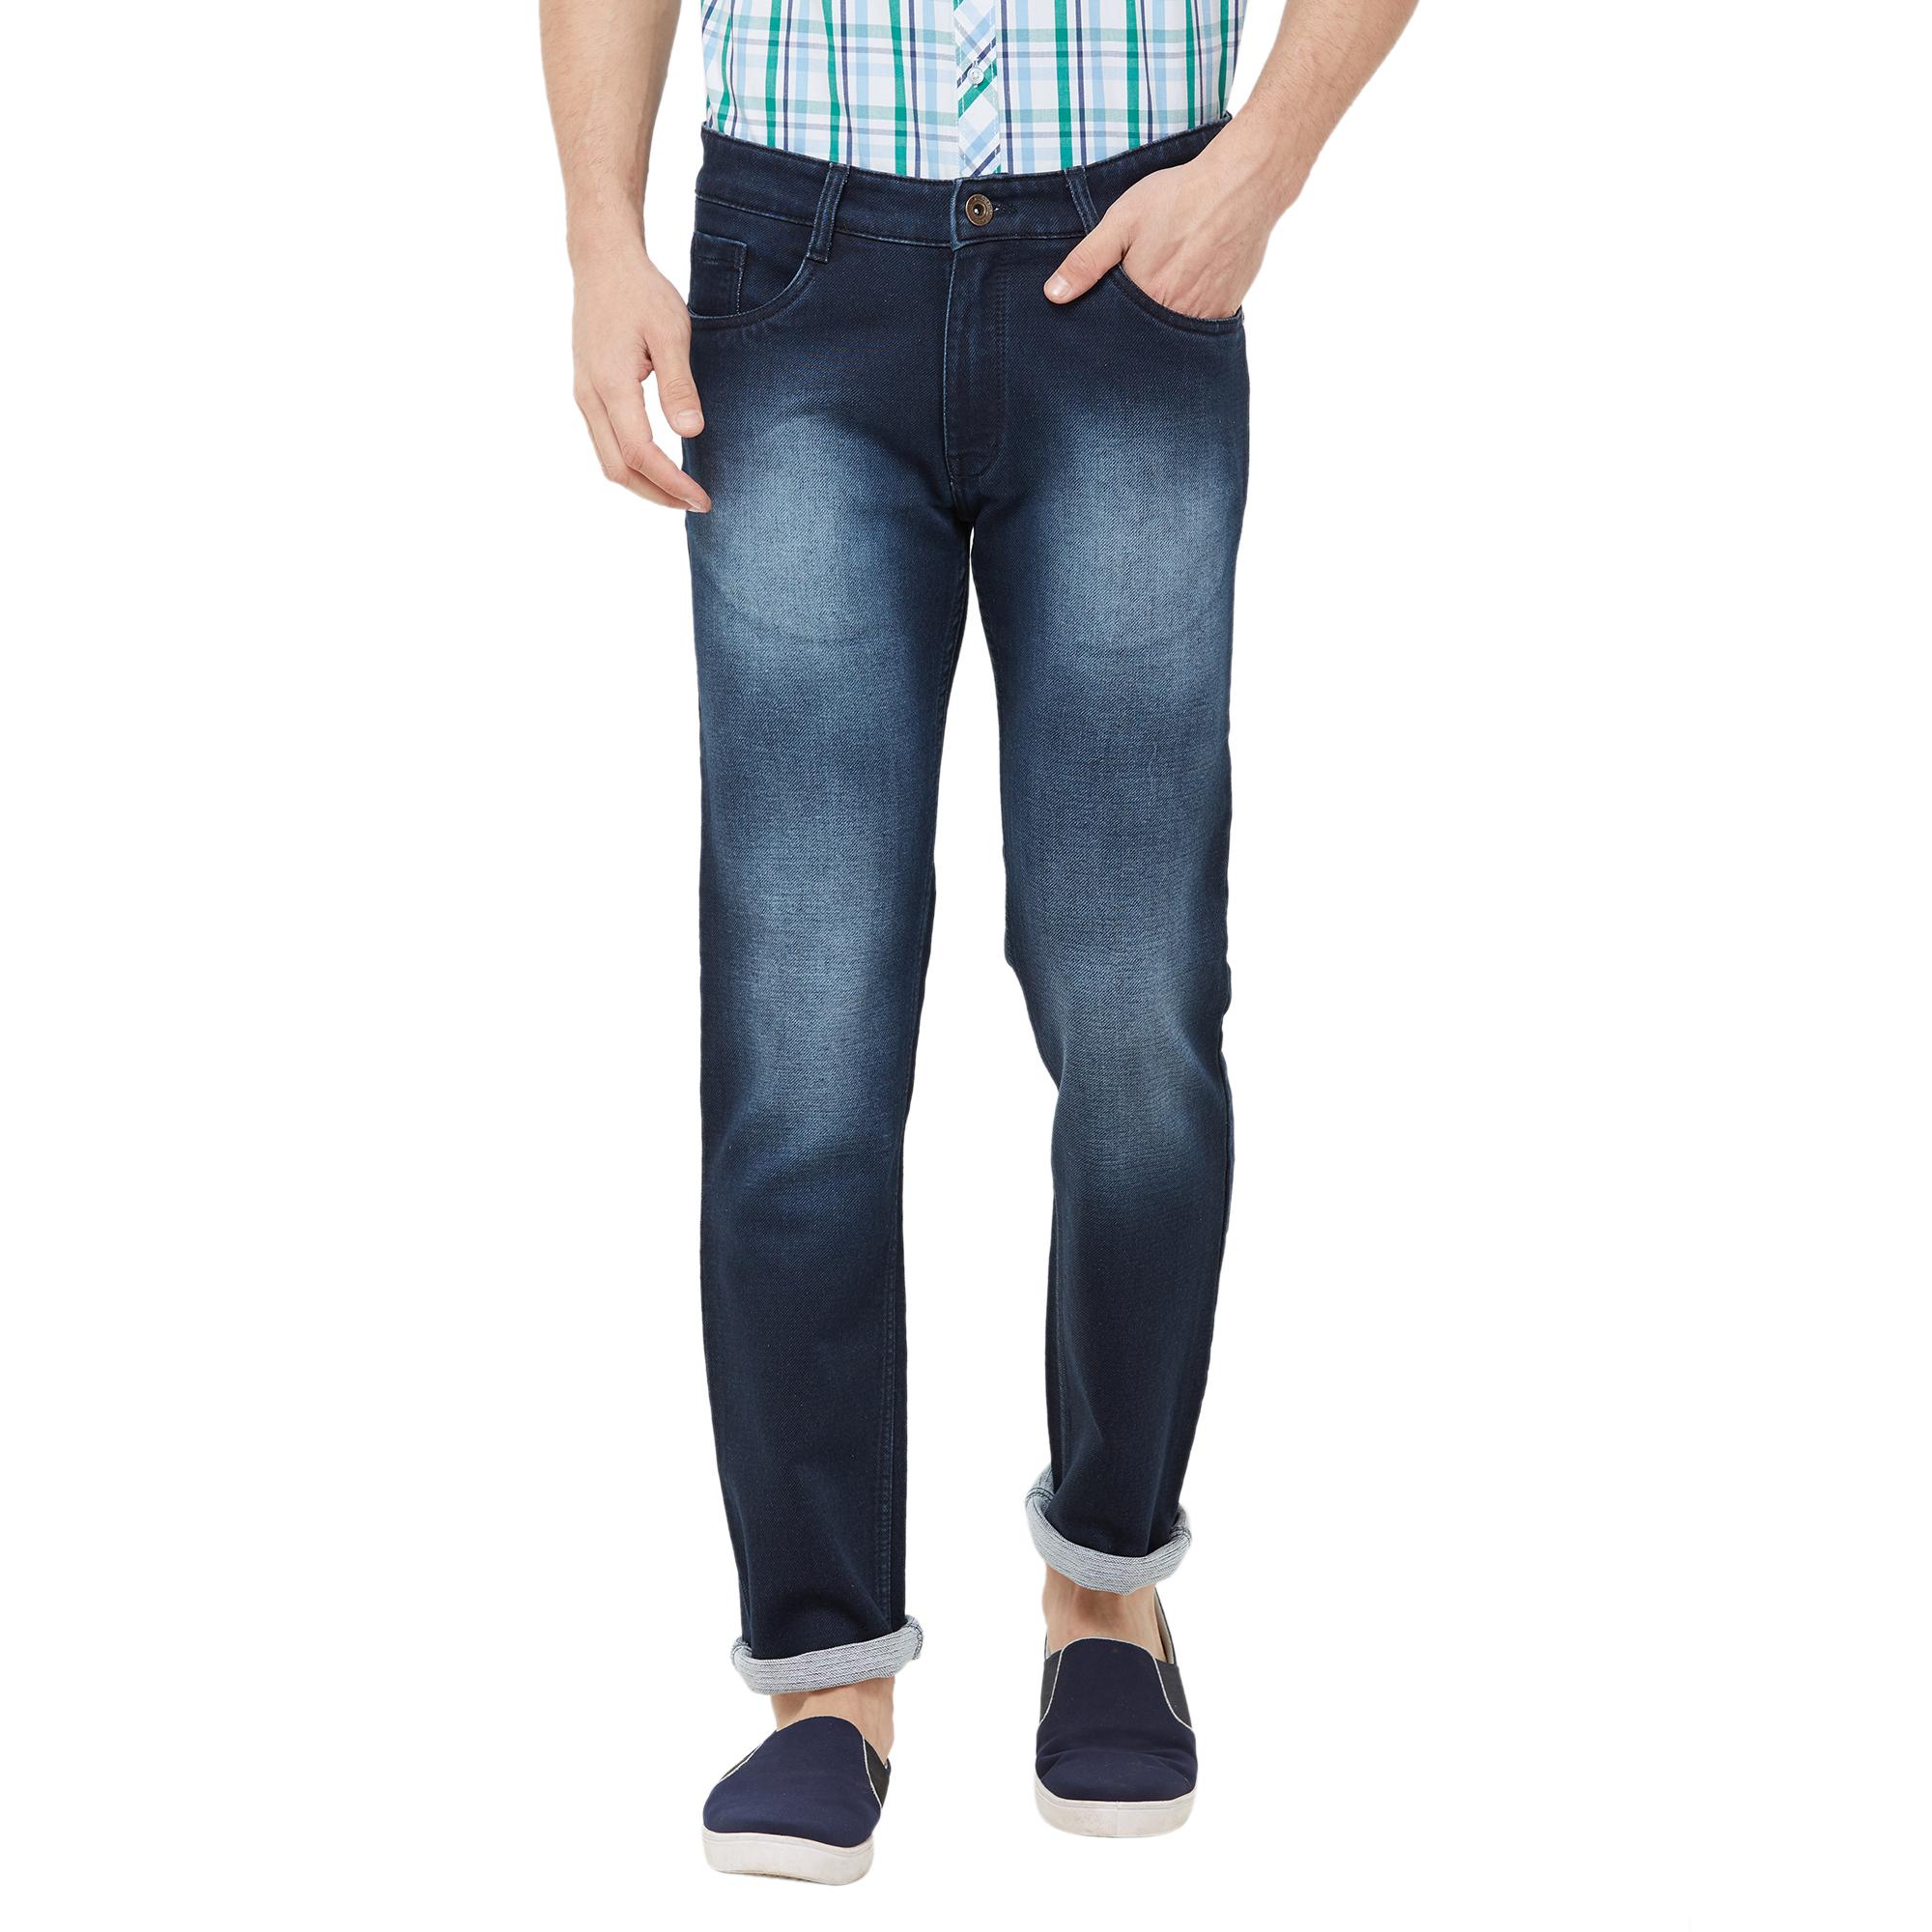 SOLEMIO | navy blue heavy washed denim jeans